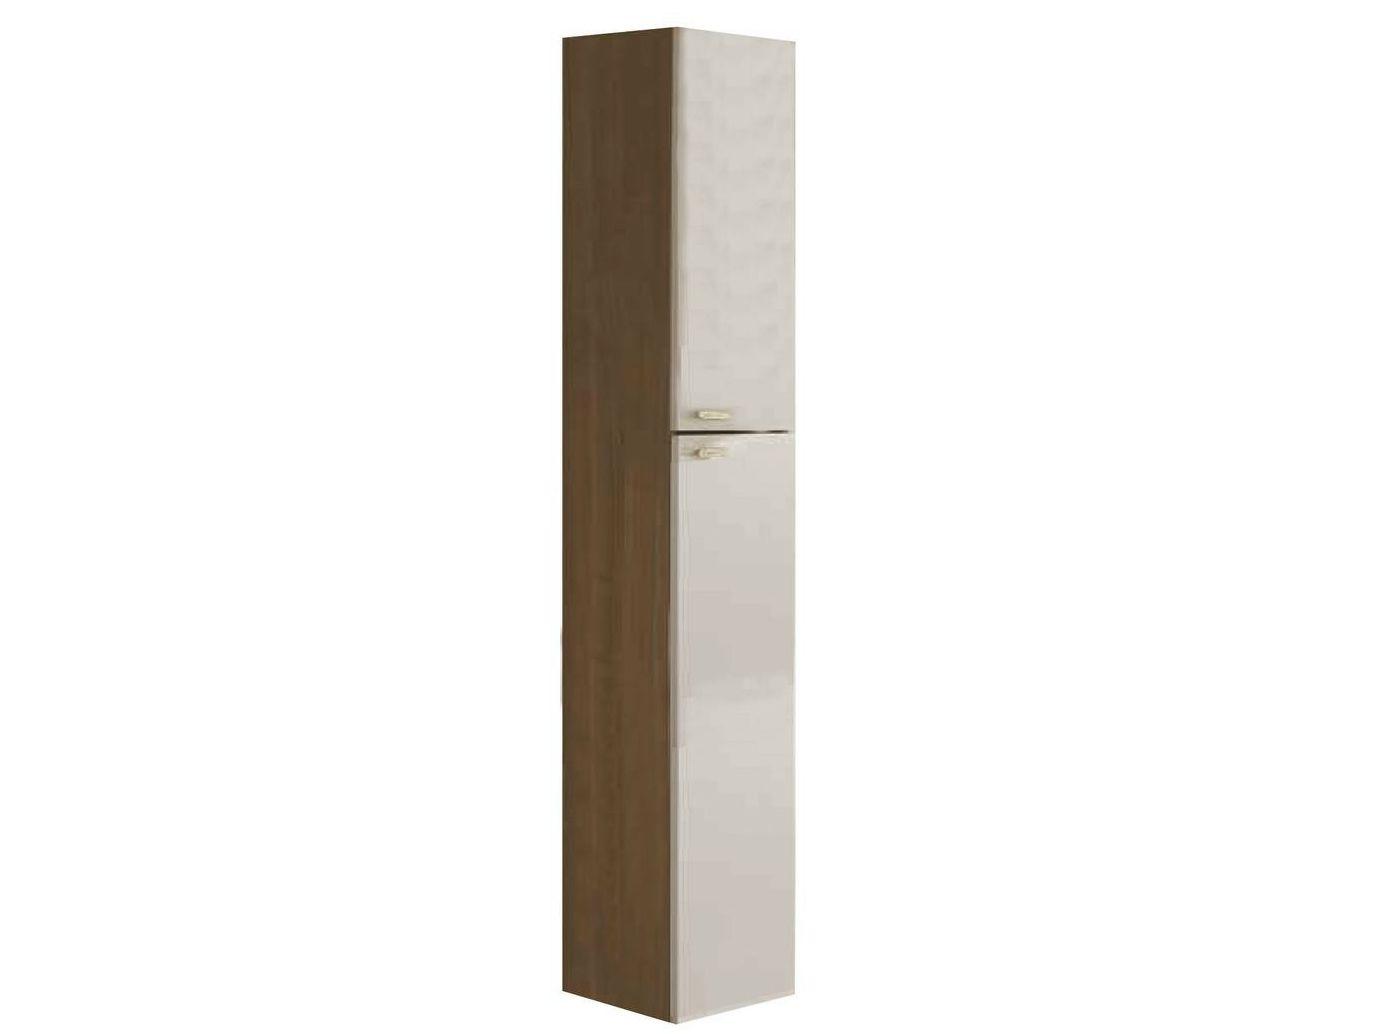 Meuble pour salle de bain haut avec portes connect e6853 for Meuble haut salle de bain une porte